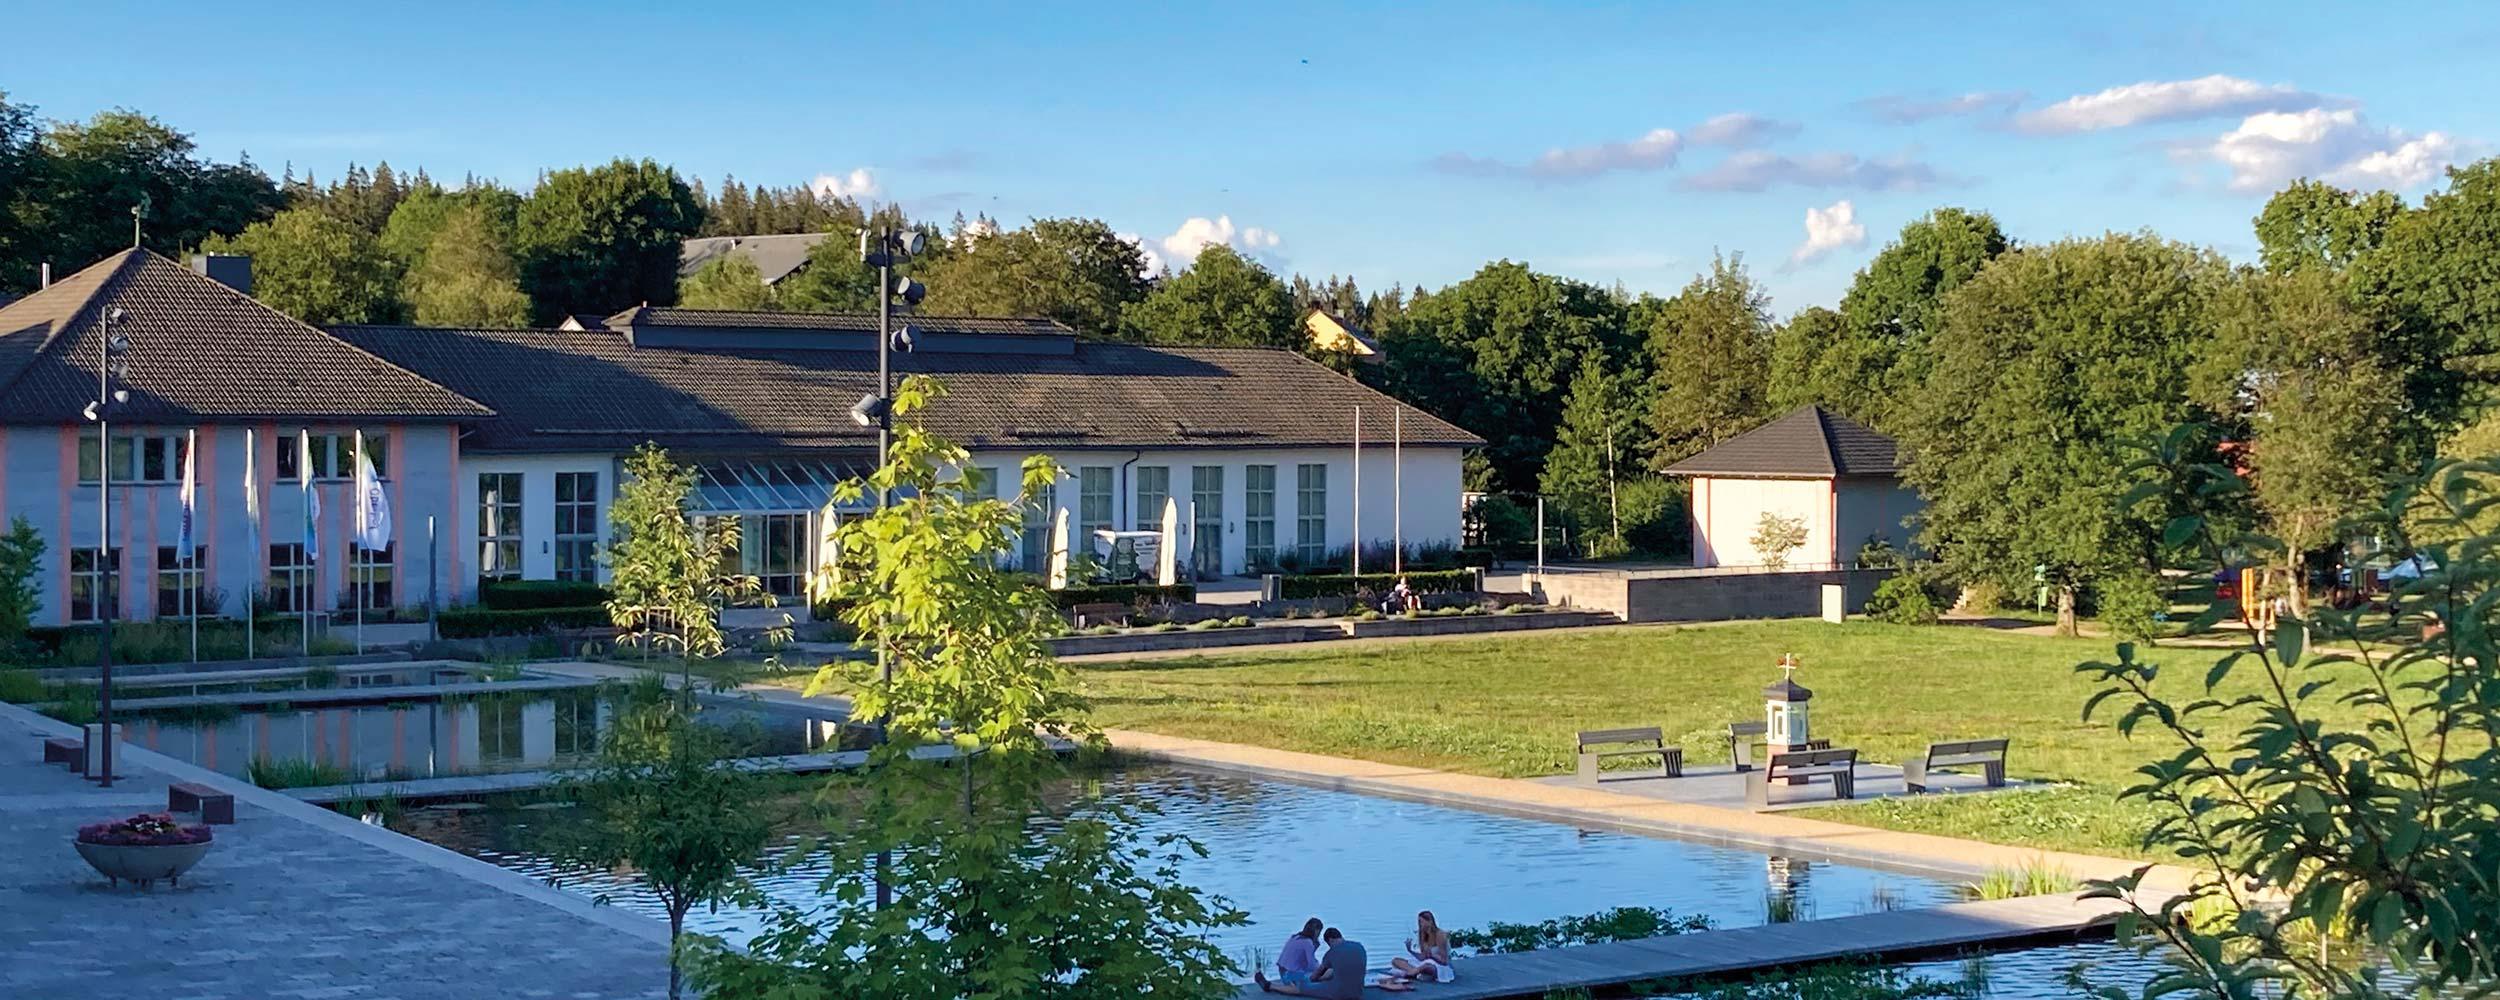 Oberhof Kurpark Sommeransicht | Oberhof Hotel Urlaub im Thüringenschanze